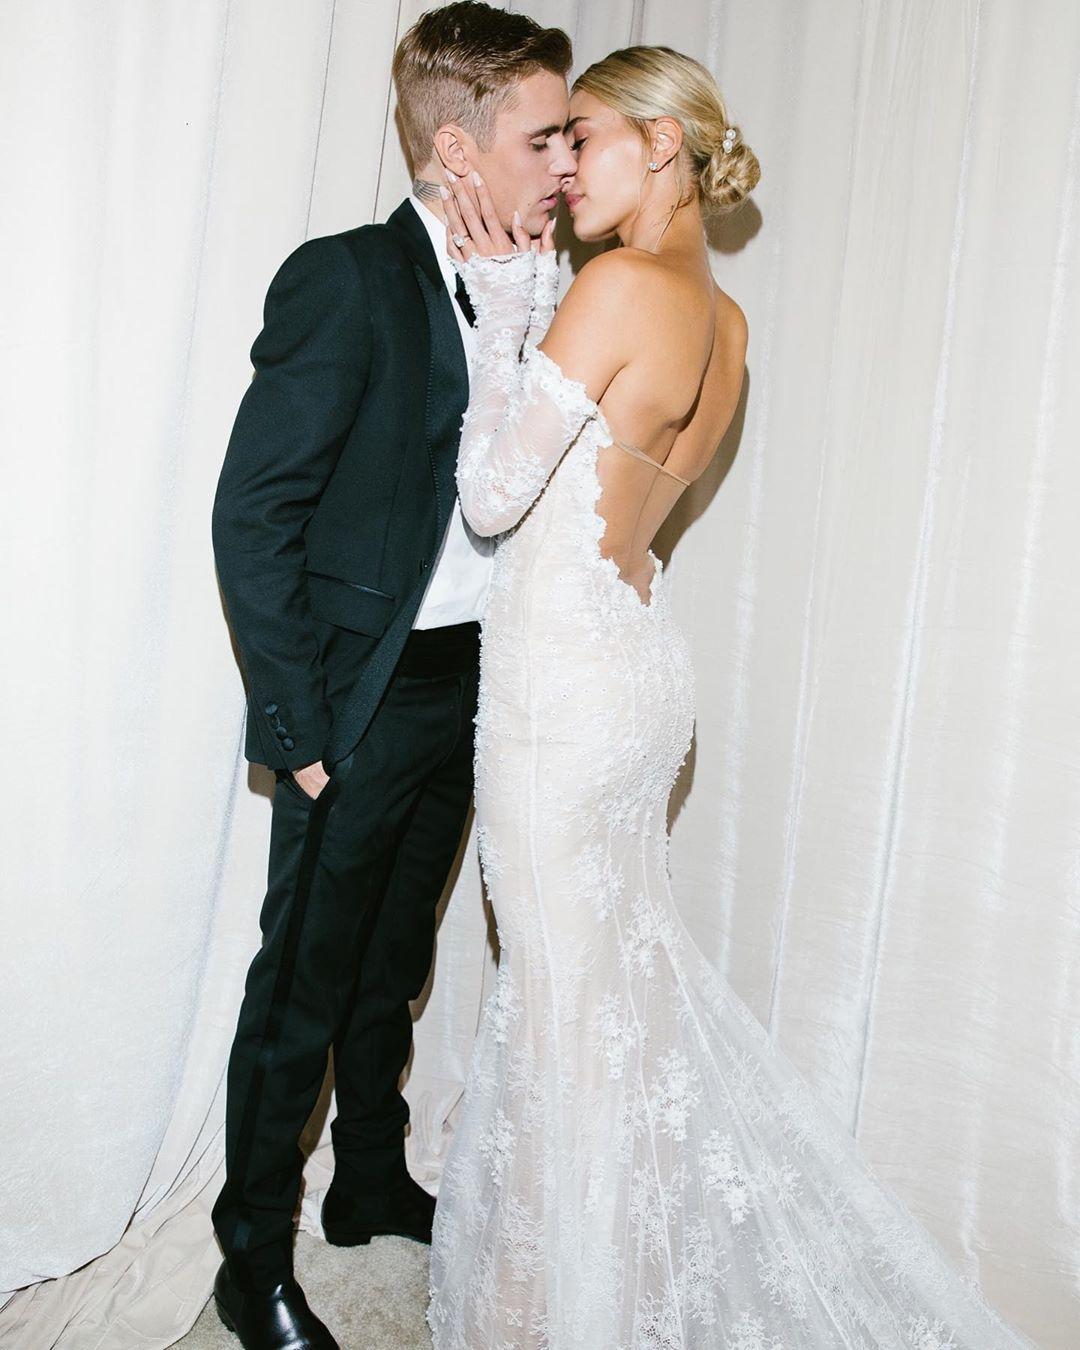 vestido de noiva hailey baldwin